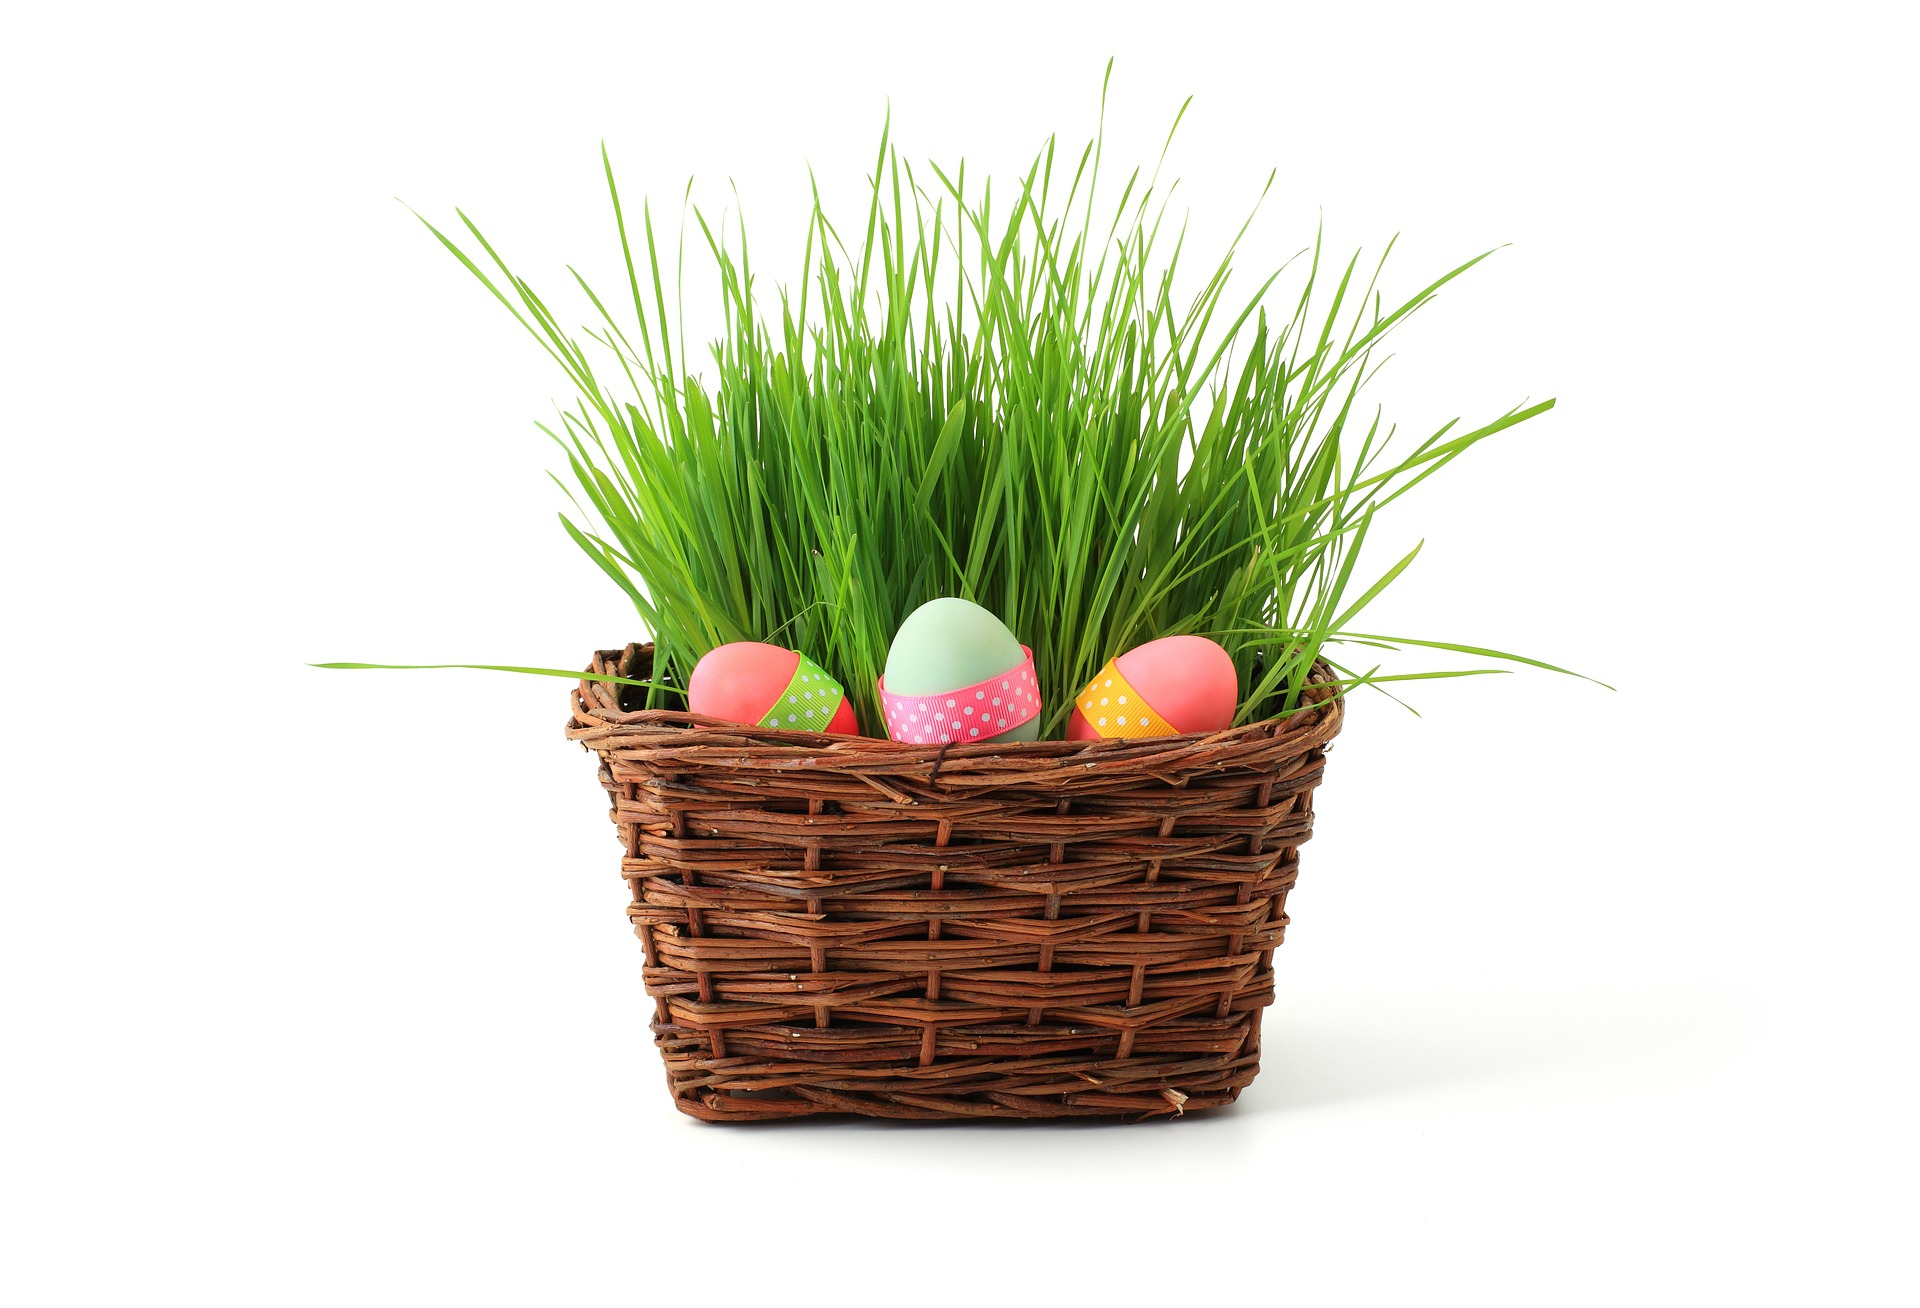 Húsvéti ajándék tőlünk Neked!